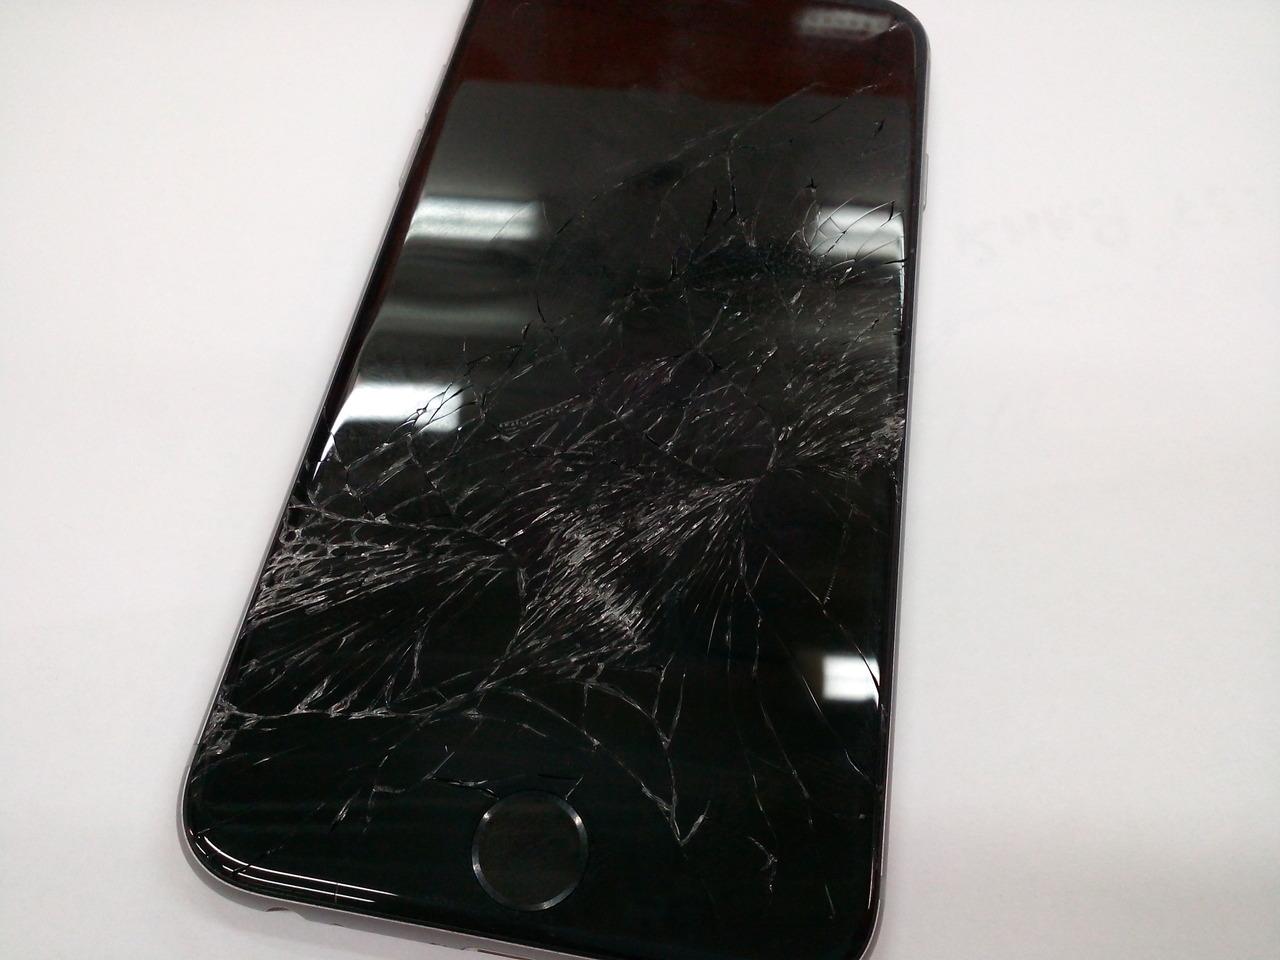 Айфон 6s разбитый купить айфон 6 s купить в рассрочку в мтс